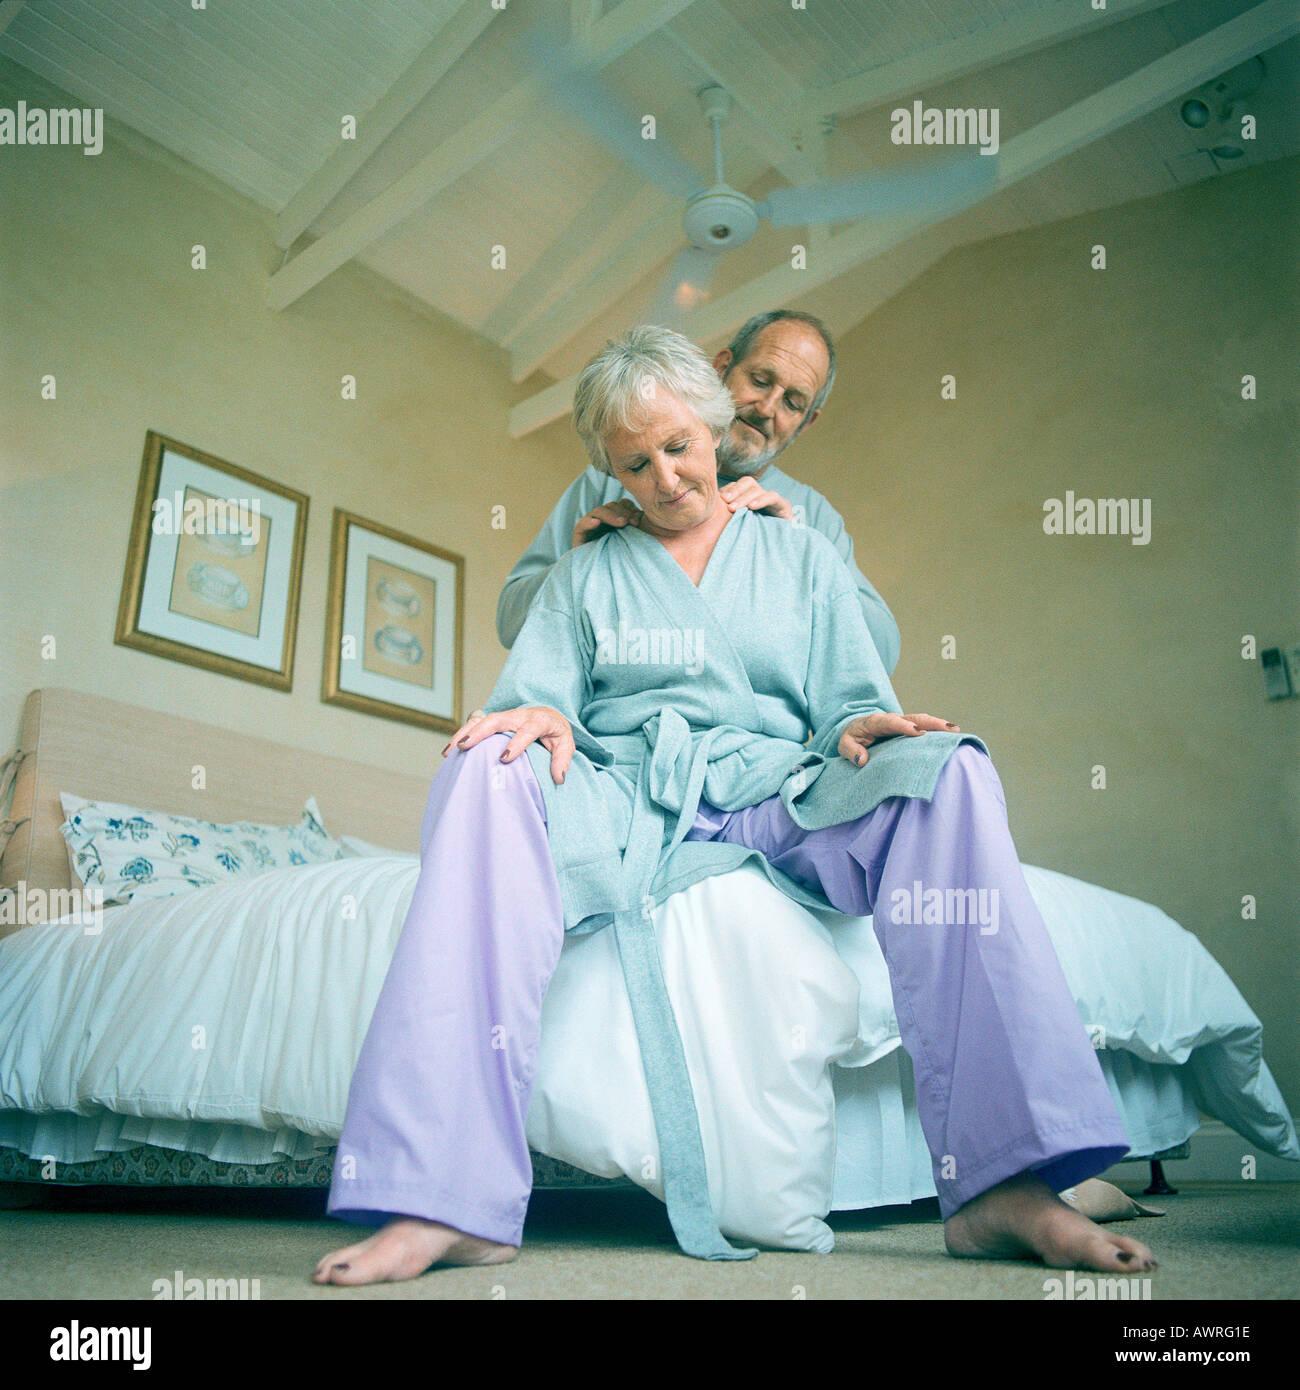 Mature man massaging woman, low angle view Stock Photo